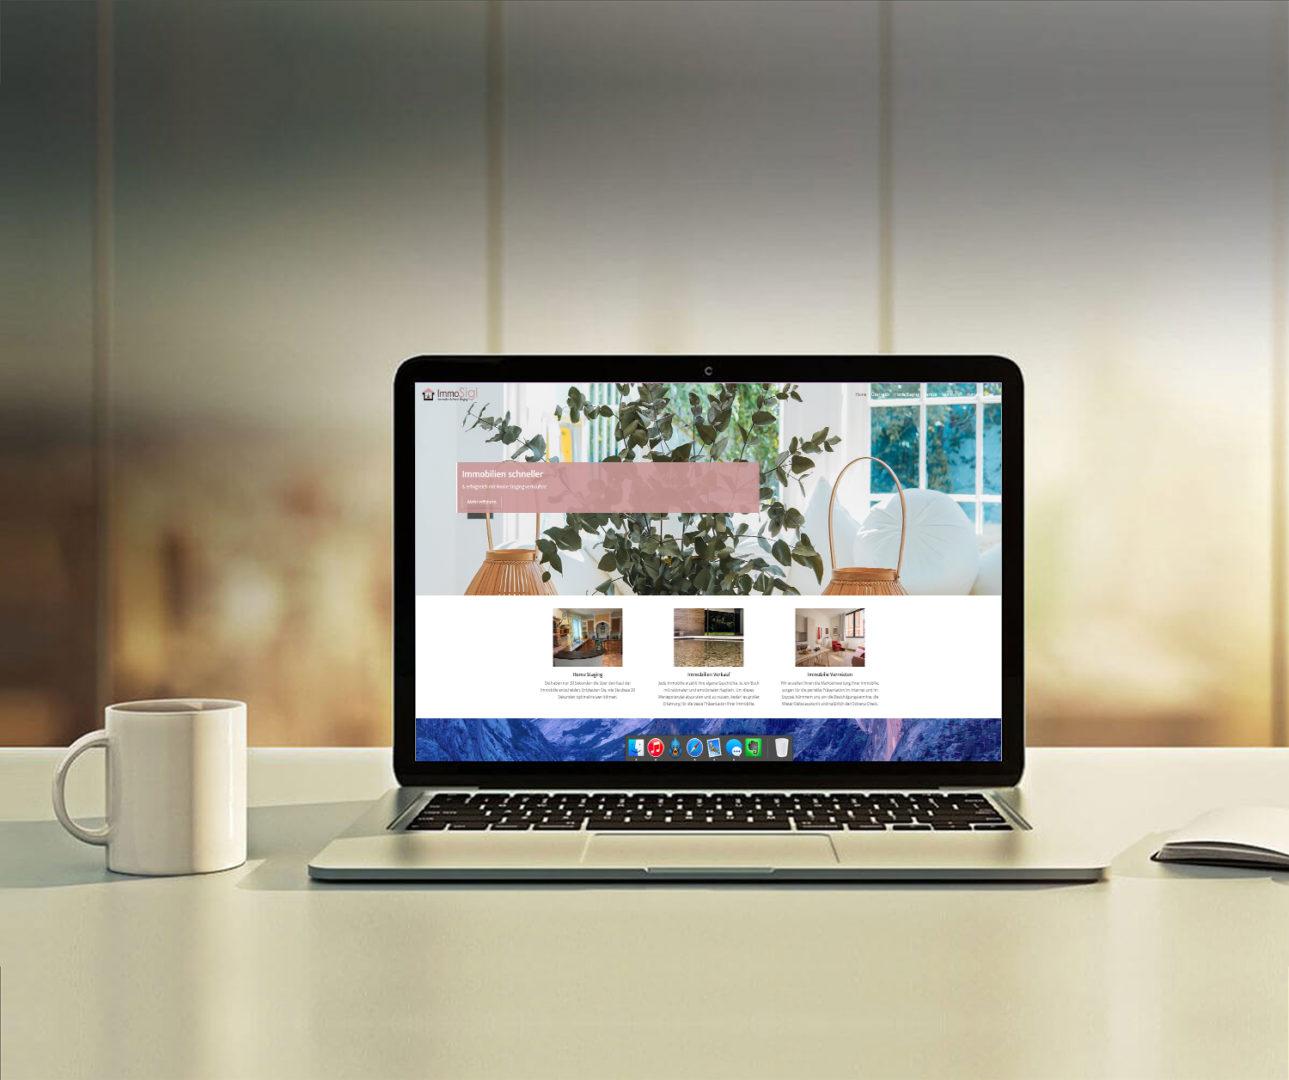 Eine klare Struktur und ein sauberes Design das mit vielen Bildern Home Staging erklärt und dem End-User näher bringt.